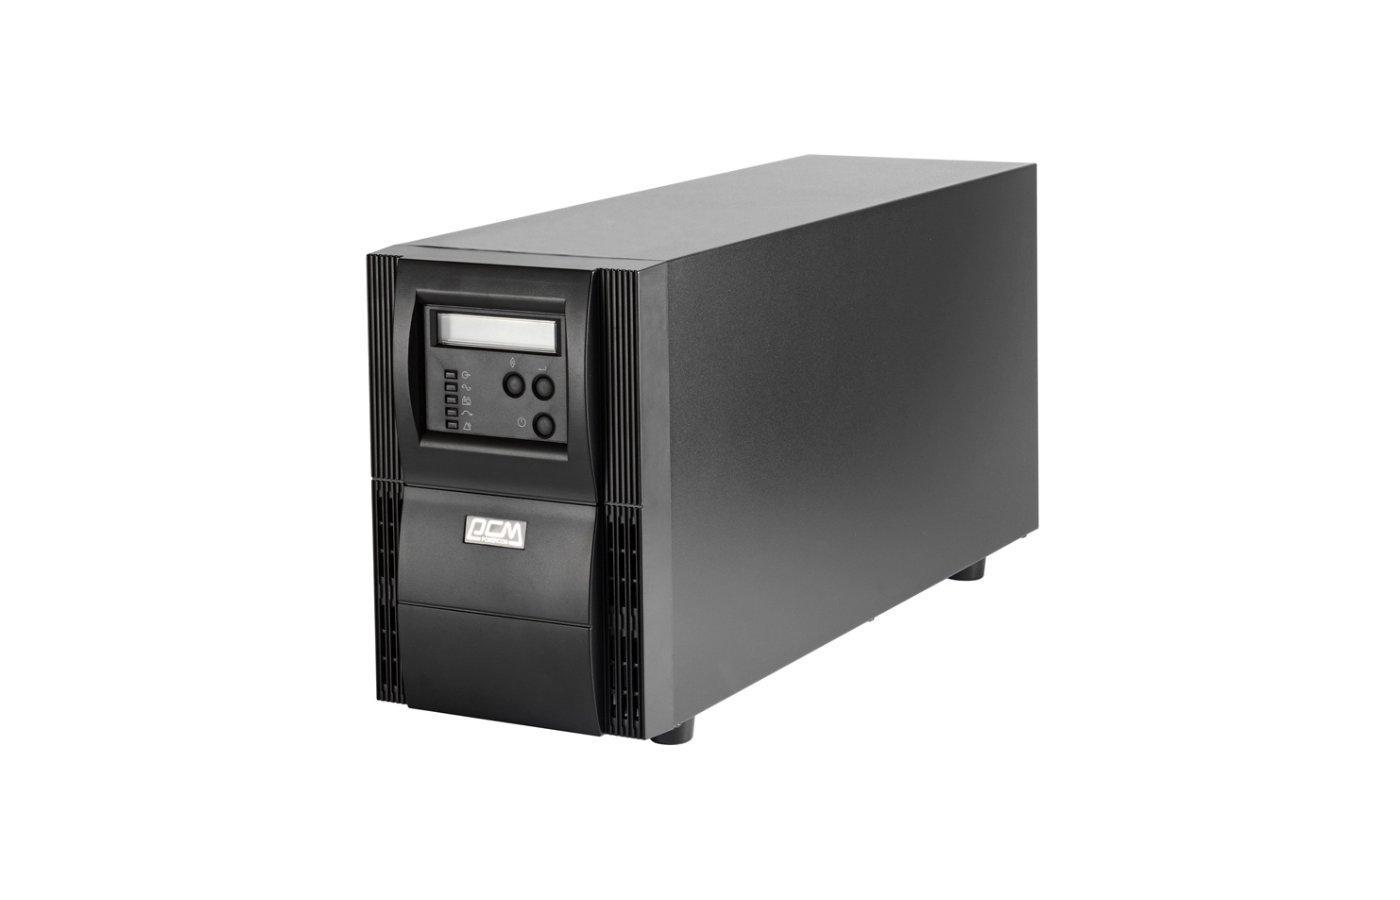 Блок питания PowerCom VGS-3000XL 3000 ВА черный